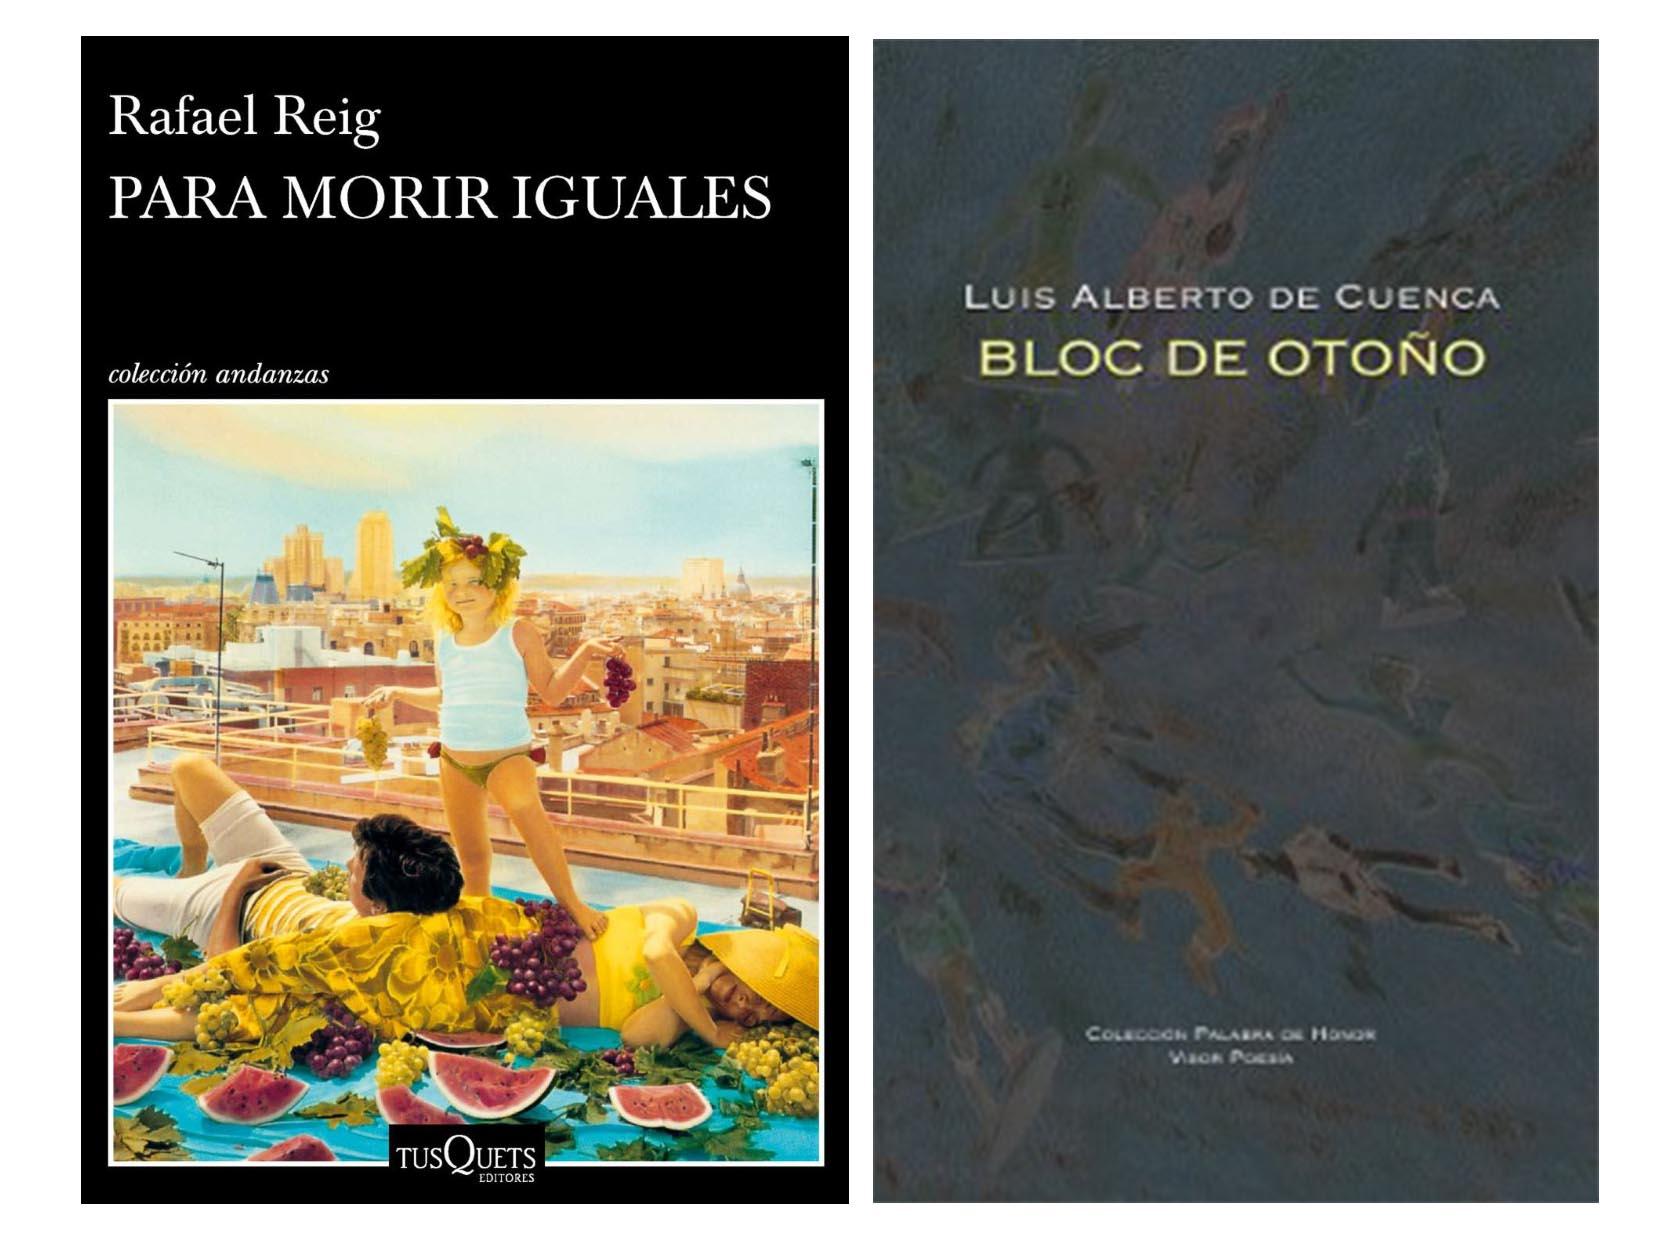 - PremioCritica2018s - Rafael Reig y Luis Alberto de Cuenca ganadores de los premios de la Crítica de Madrid 2018 revista de poesía - PremioCritica2018s - Revista de poesía. Revista Poesía eres tú.